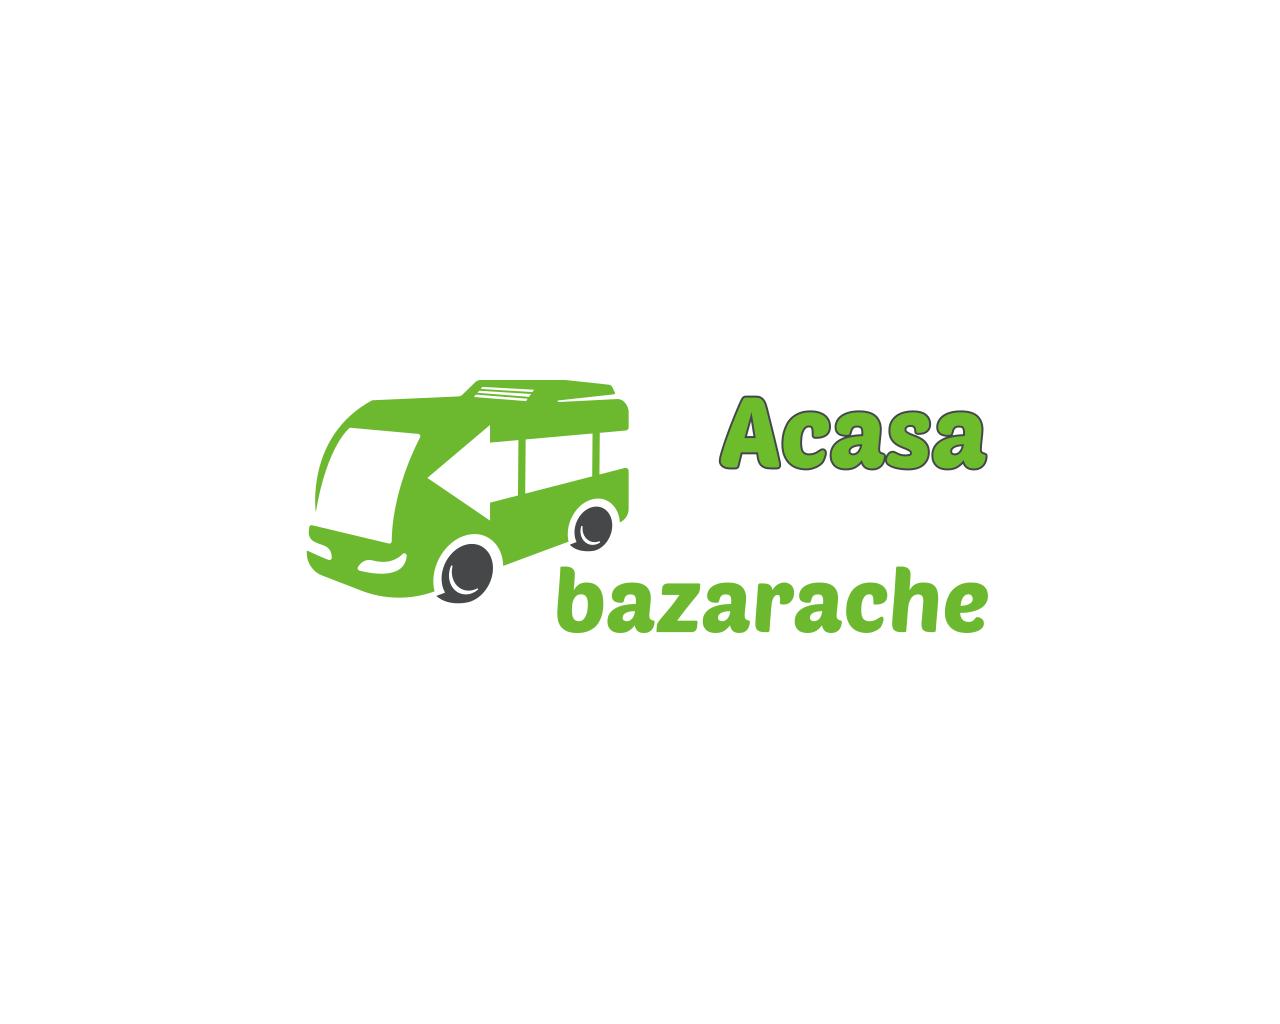 bazarache